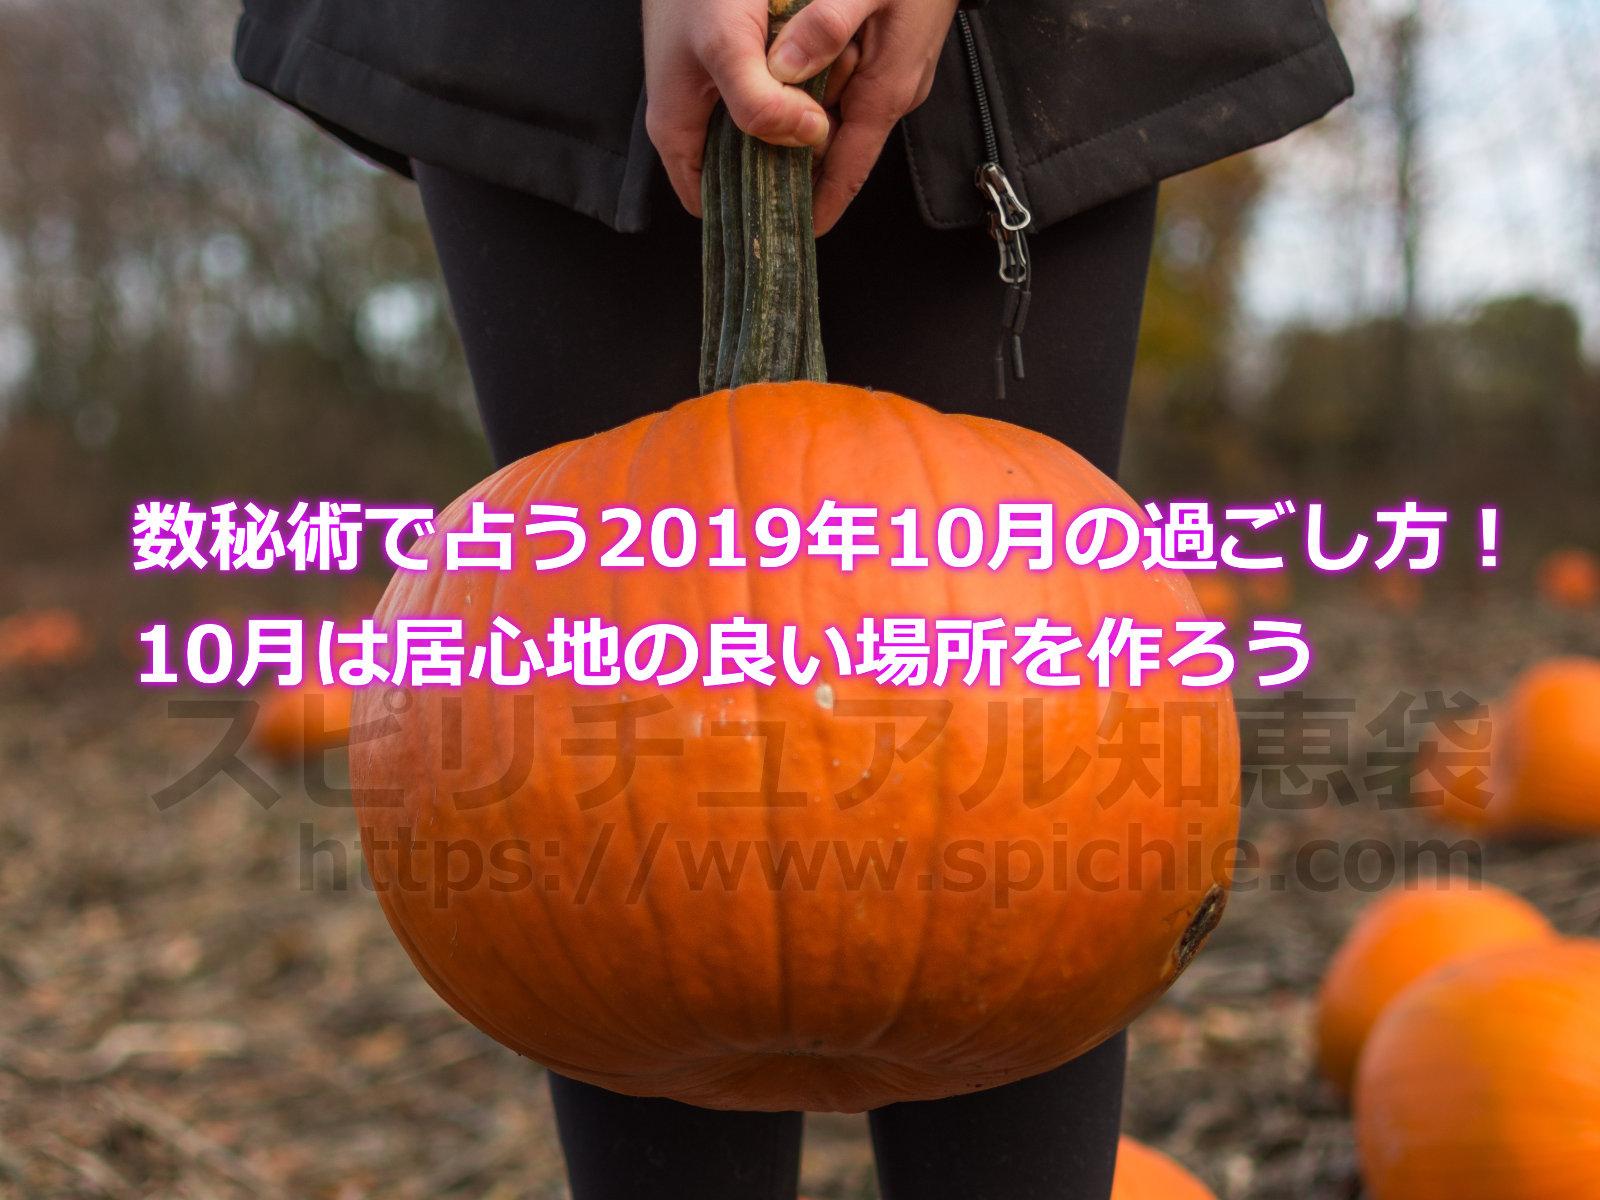 数秘術で占う2019年10月の過ごし方!10月は居心地の良い場所を作ろうのアイキャッチ画像